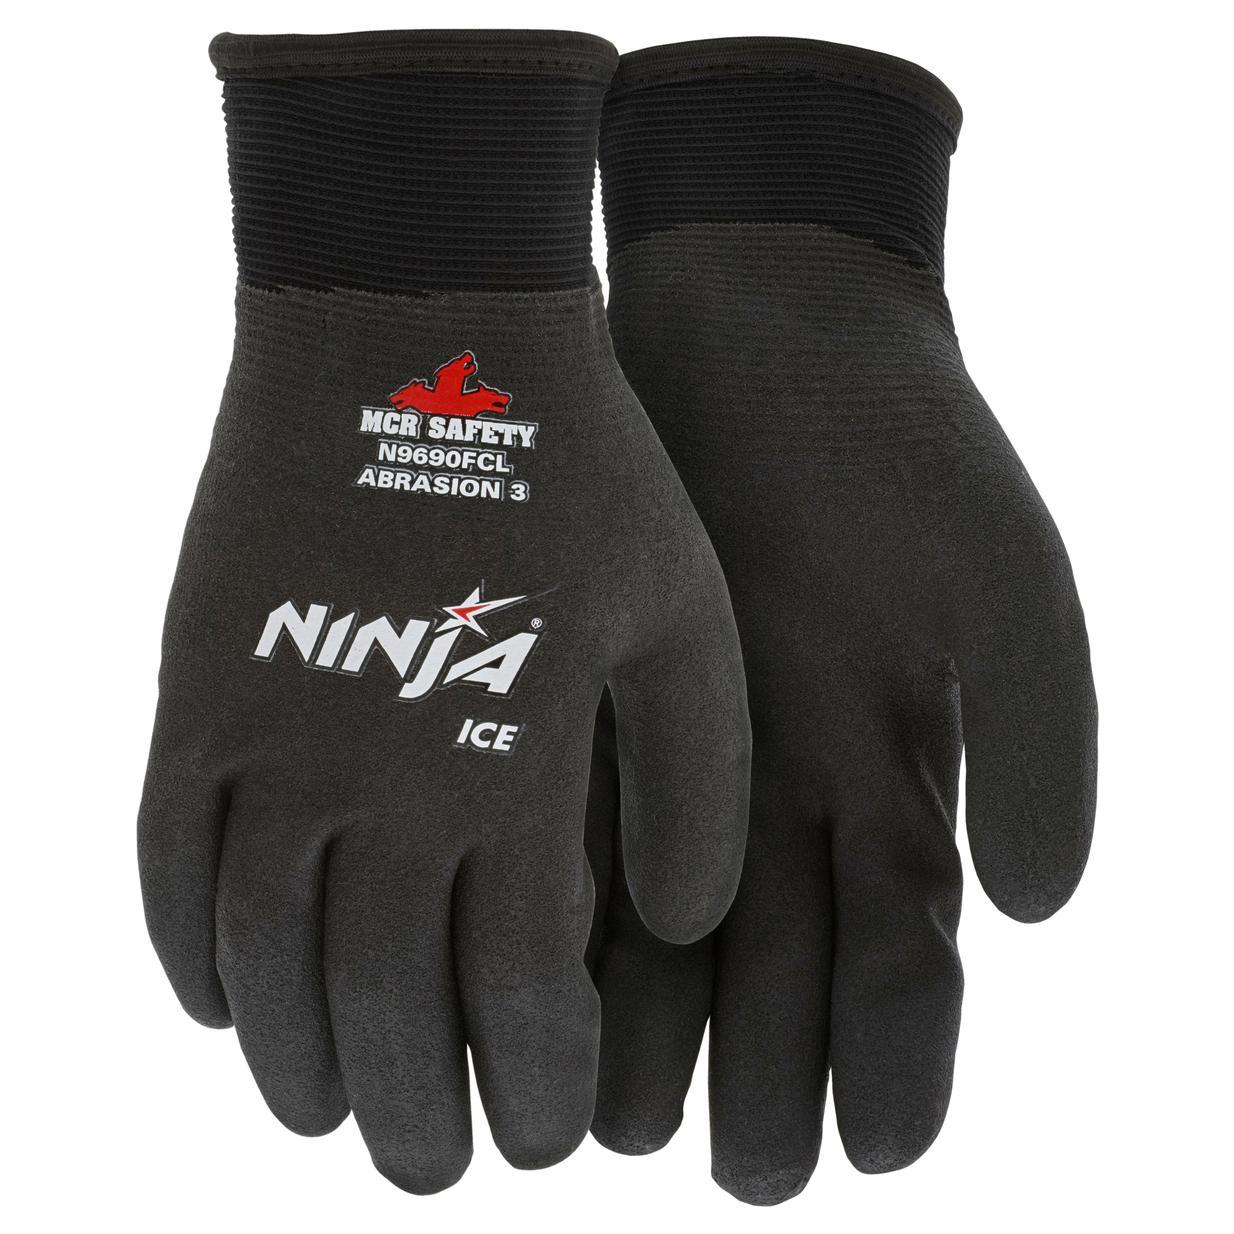 Memphis N9690fc Ninja Ice Hpt Gloves 15 Gauge Nylon